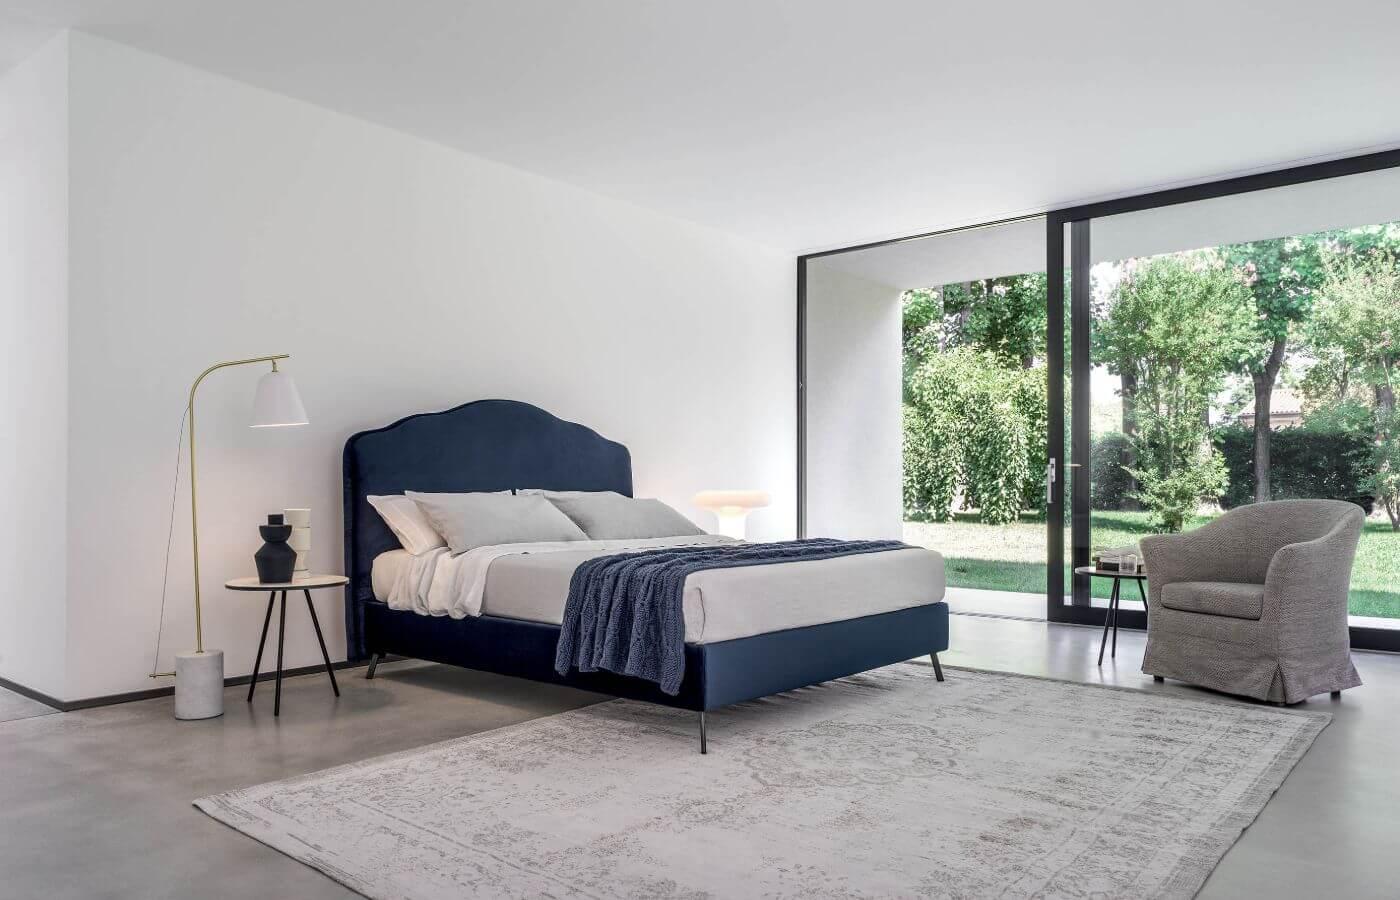 zona-notte-letto-contenitore-collezione-domino-il-mobile (2)